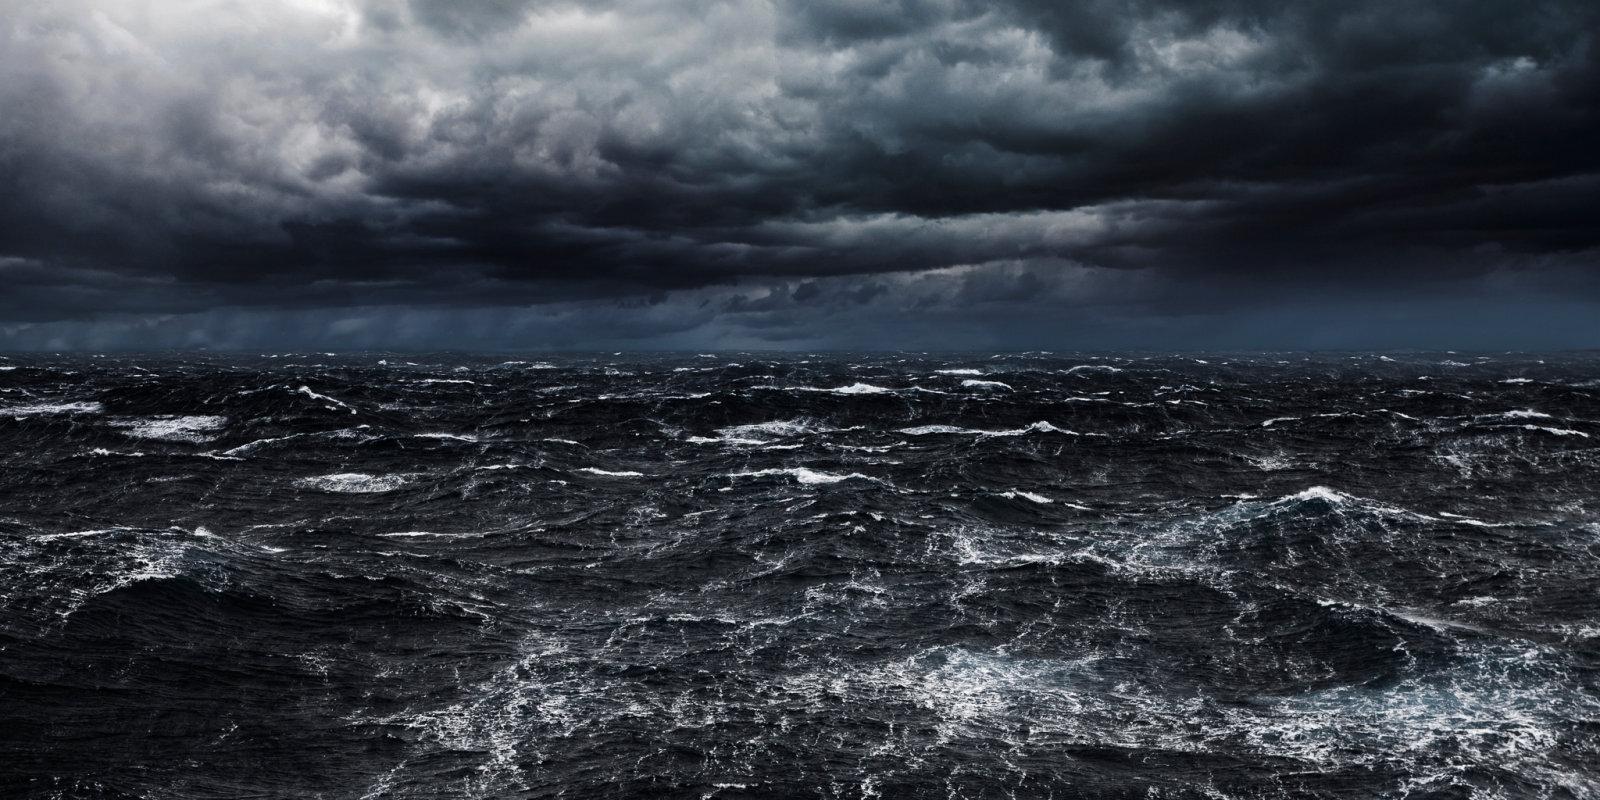 Drāma Baltijas jūrā – divas ģimenes iet bojā, cenšoties bēgt no Austrumvācijas